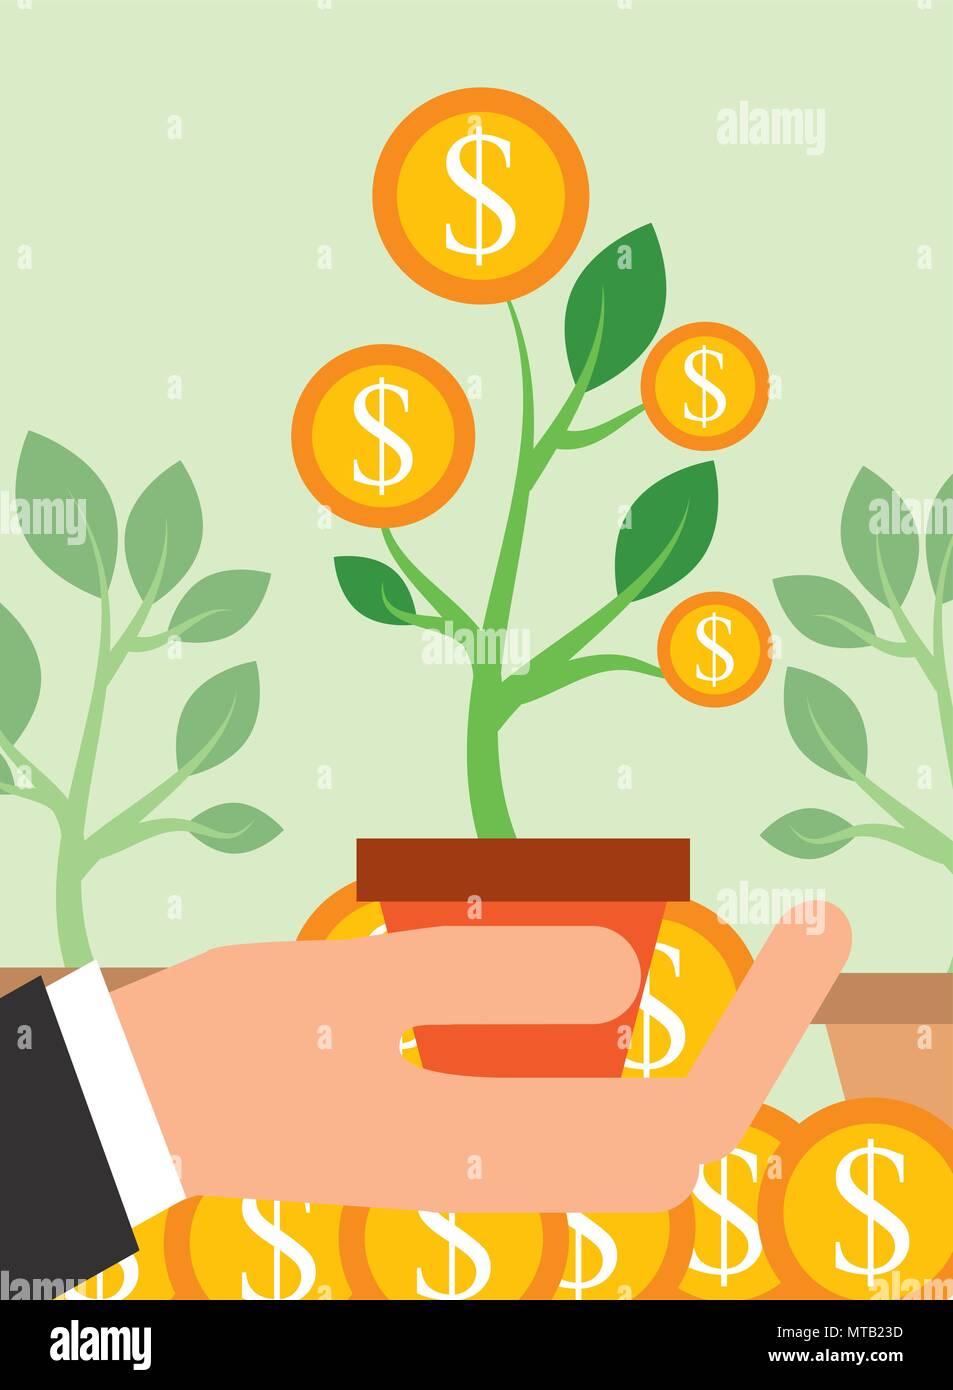 Geld sparen Unternehmen Stock Vektor